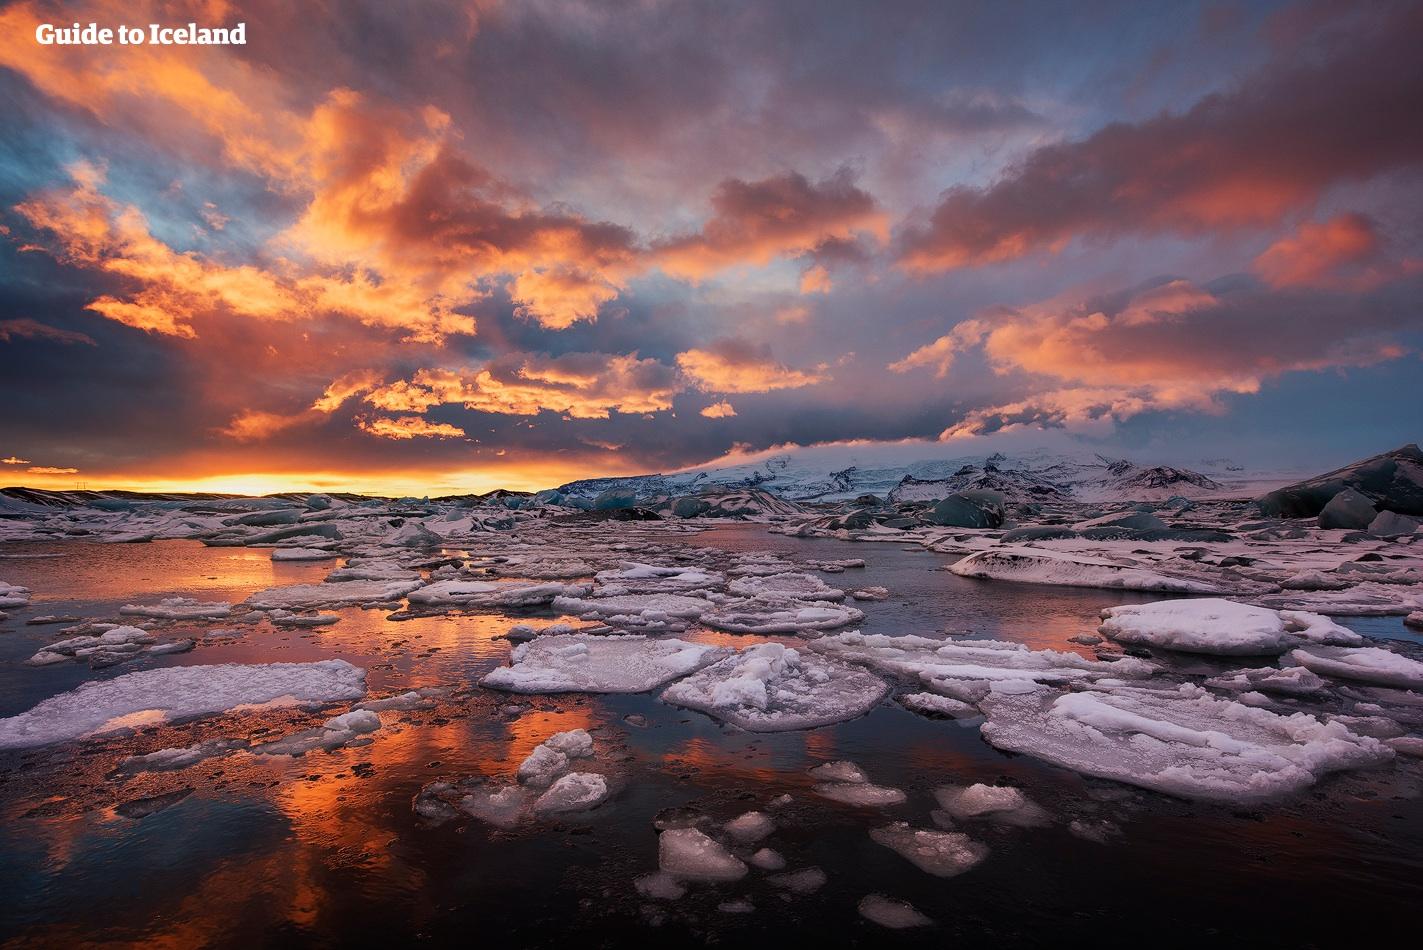 Midnattssolen gir deg endeløse muligheter til å utforske alt det flotte ved bresjøen Jökulsárlón på Sørøst-Island.